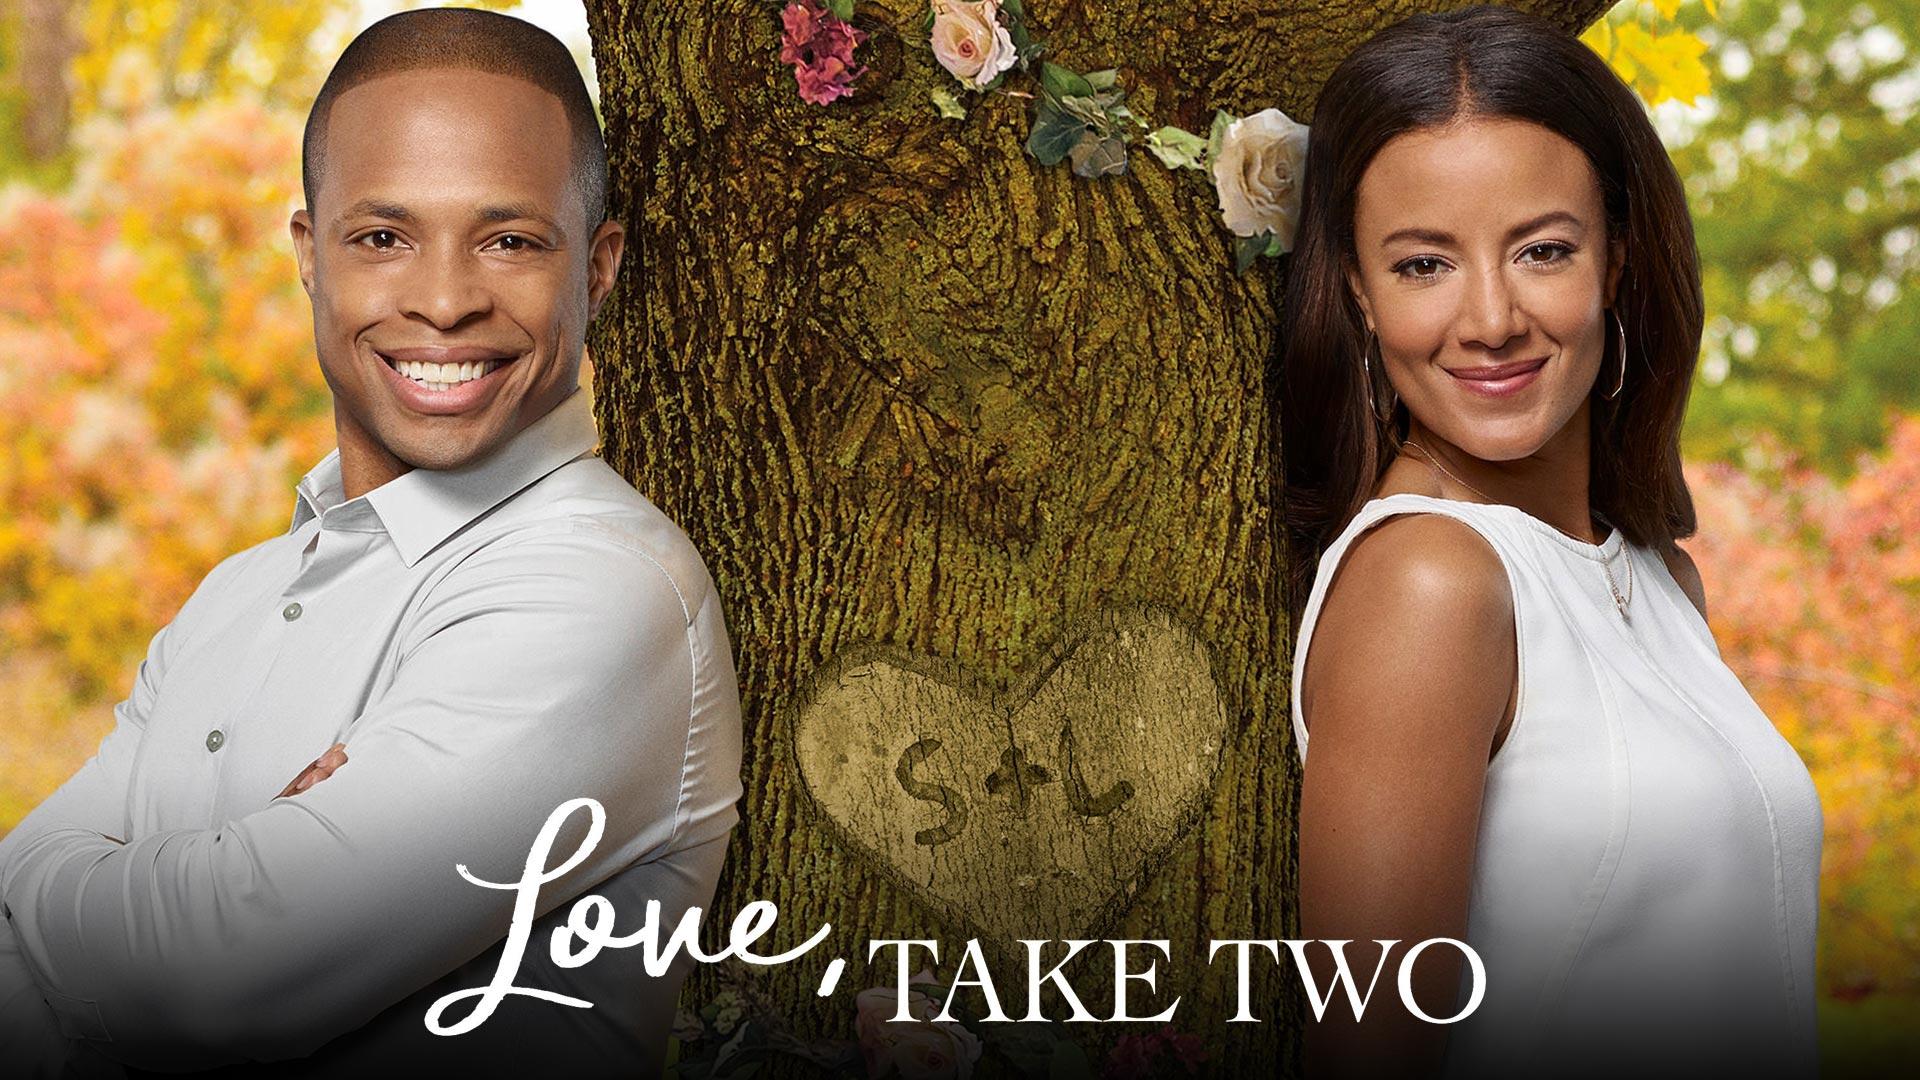 Love Take Two